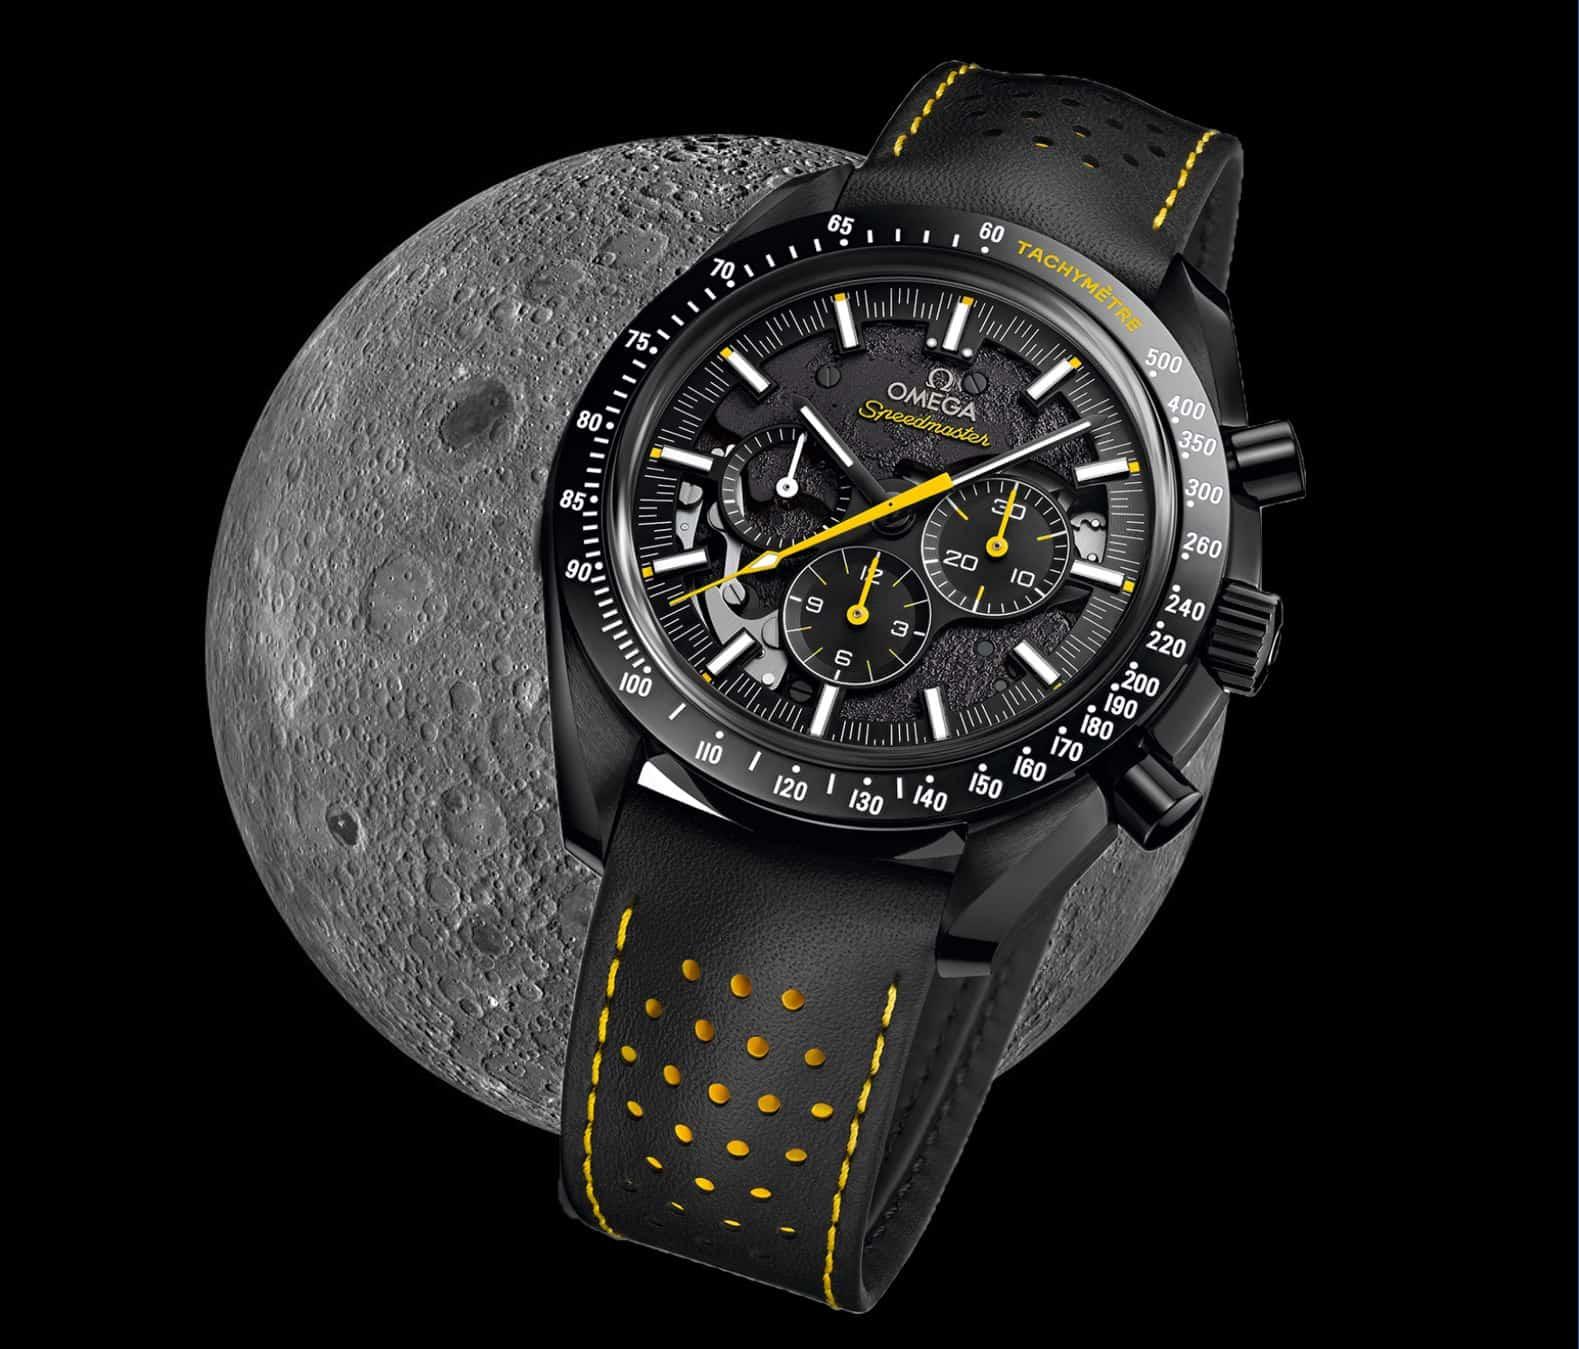 Omega bringt zur Landung auf der Rückseite des Mondes eine Sonderedition der Omega Speedmaster heraus